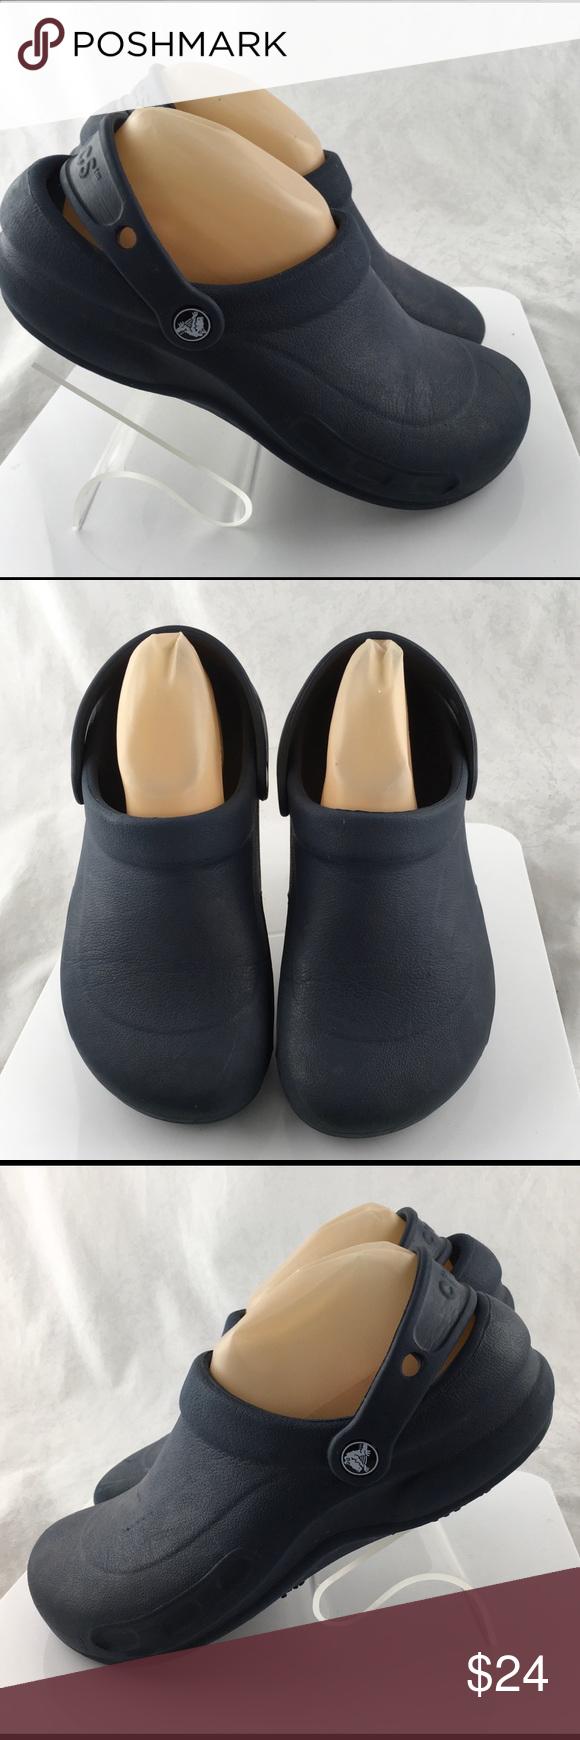 538770228d6e Crocs Bistro Clogs Work Shoes Slip Size 8 Mens 6 Crocs Bistro Clogs Work  Shoes Slip Resistant Womens Size 8 Mens 6 CROCS Shoes Mules   Clogs